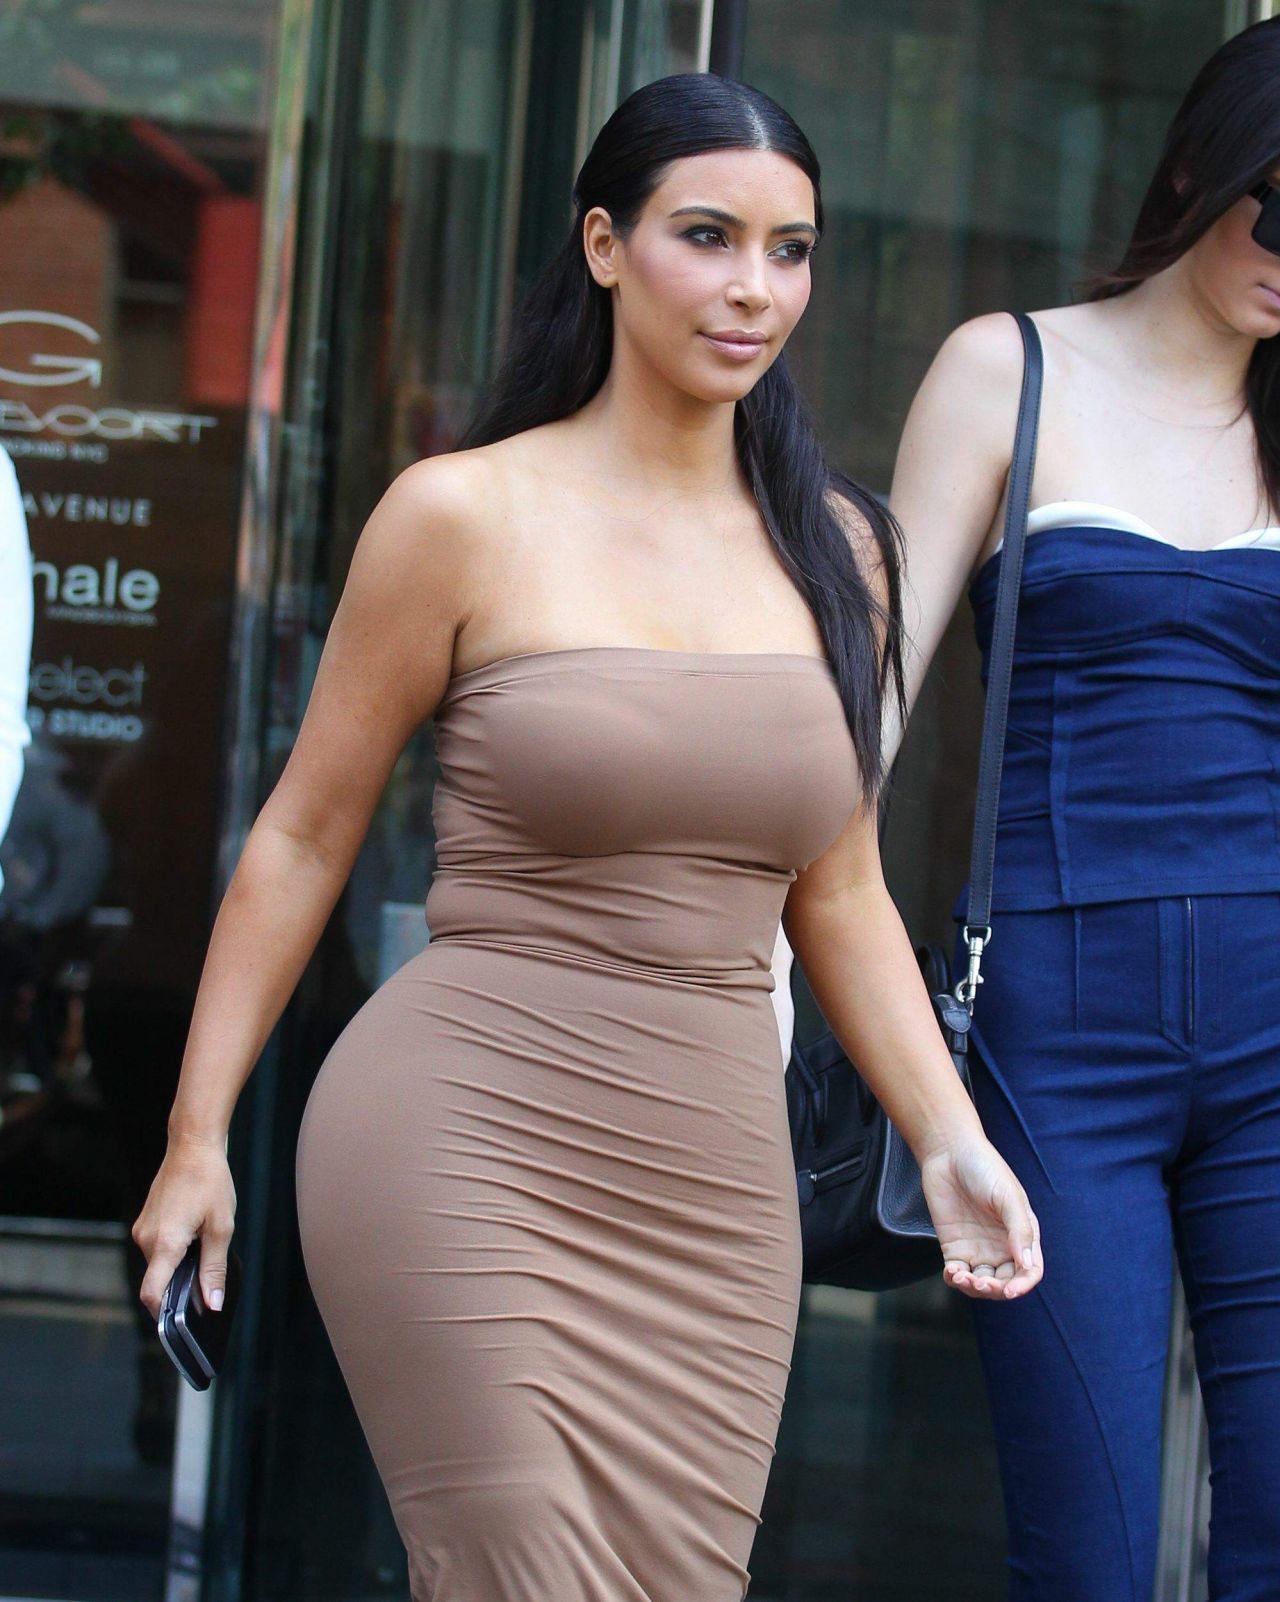 Kim kardashian tight dress